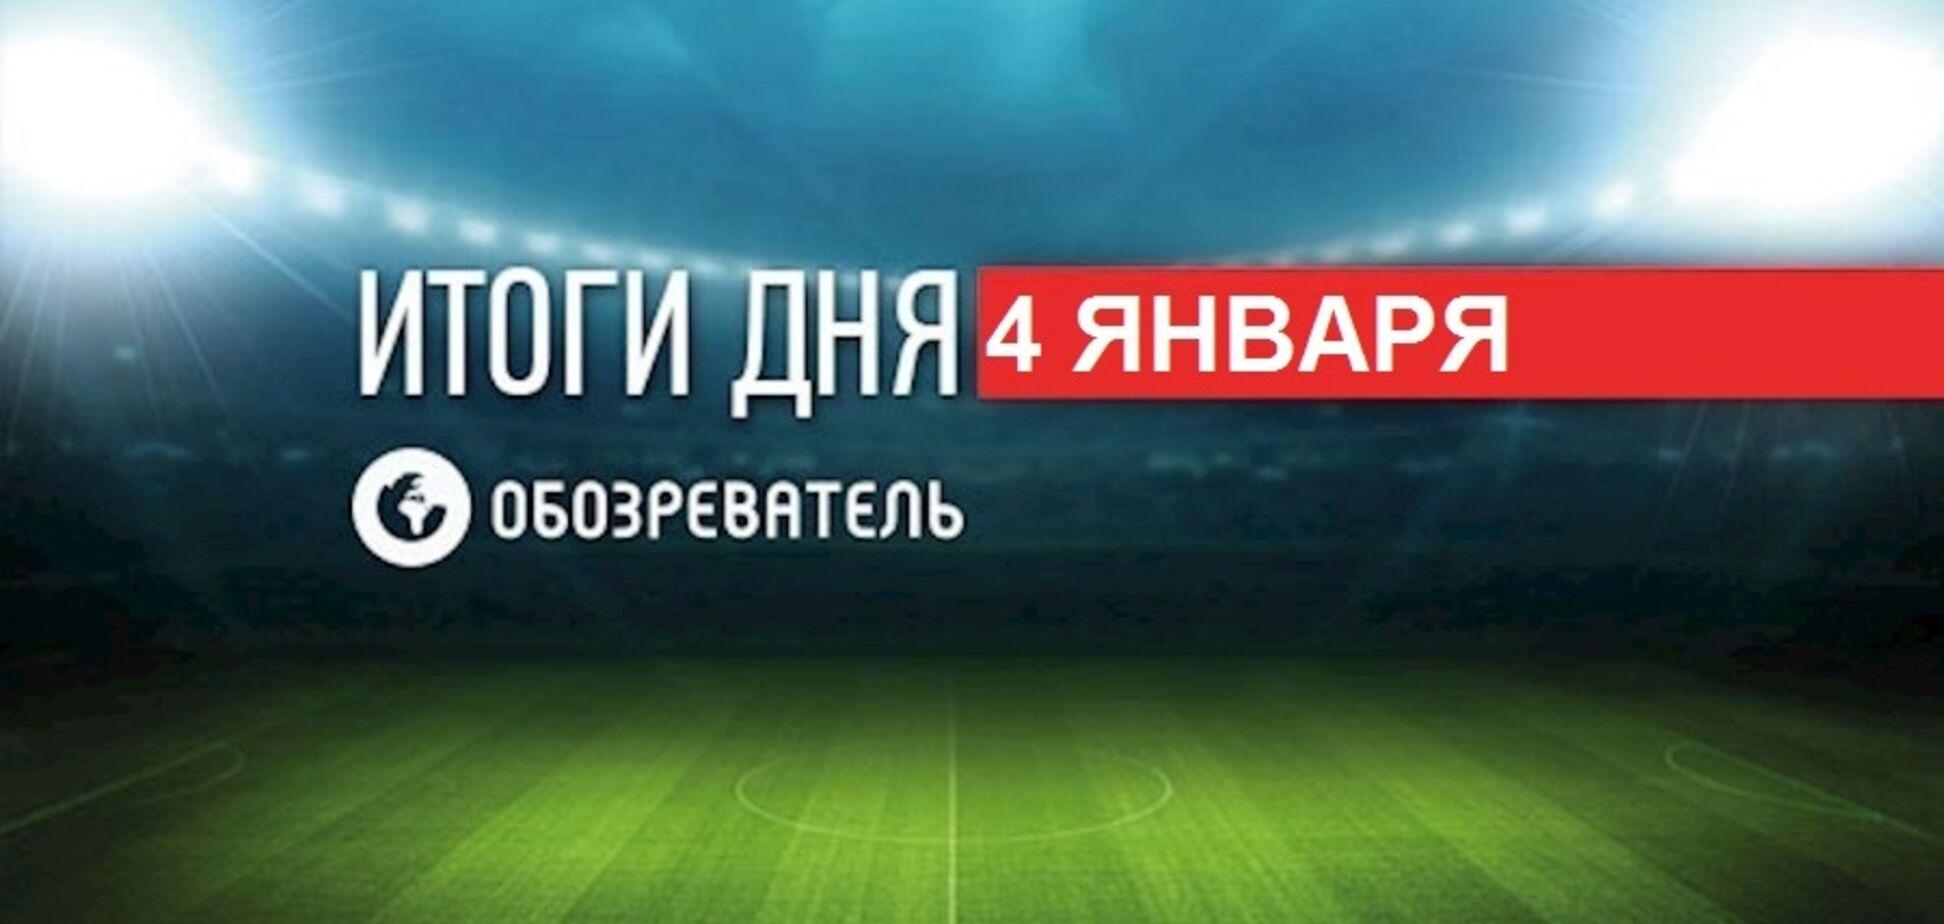 Усик готов перейти в РПЦ: спортивные итоги 4 января